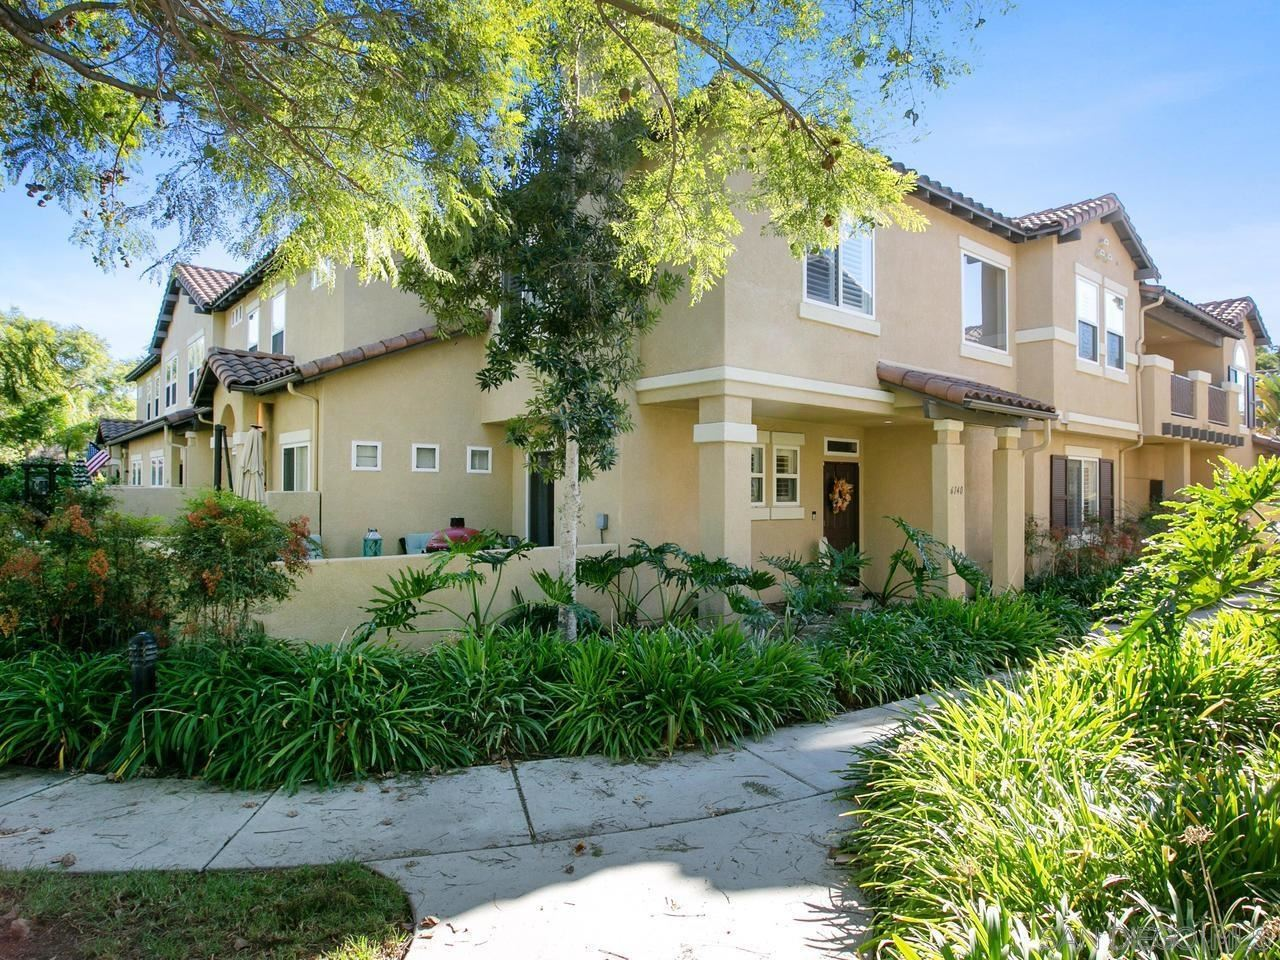 Photo of 6140 Citracado Circle, Carlsbad, CA 92009 (MLS # 210021369)